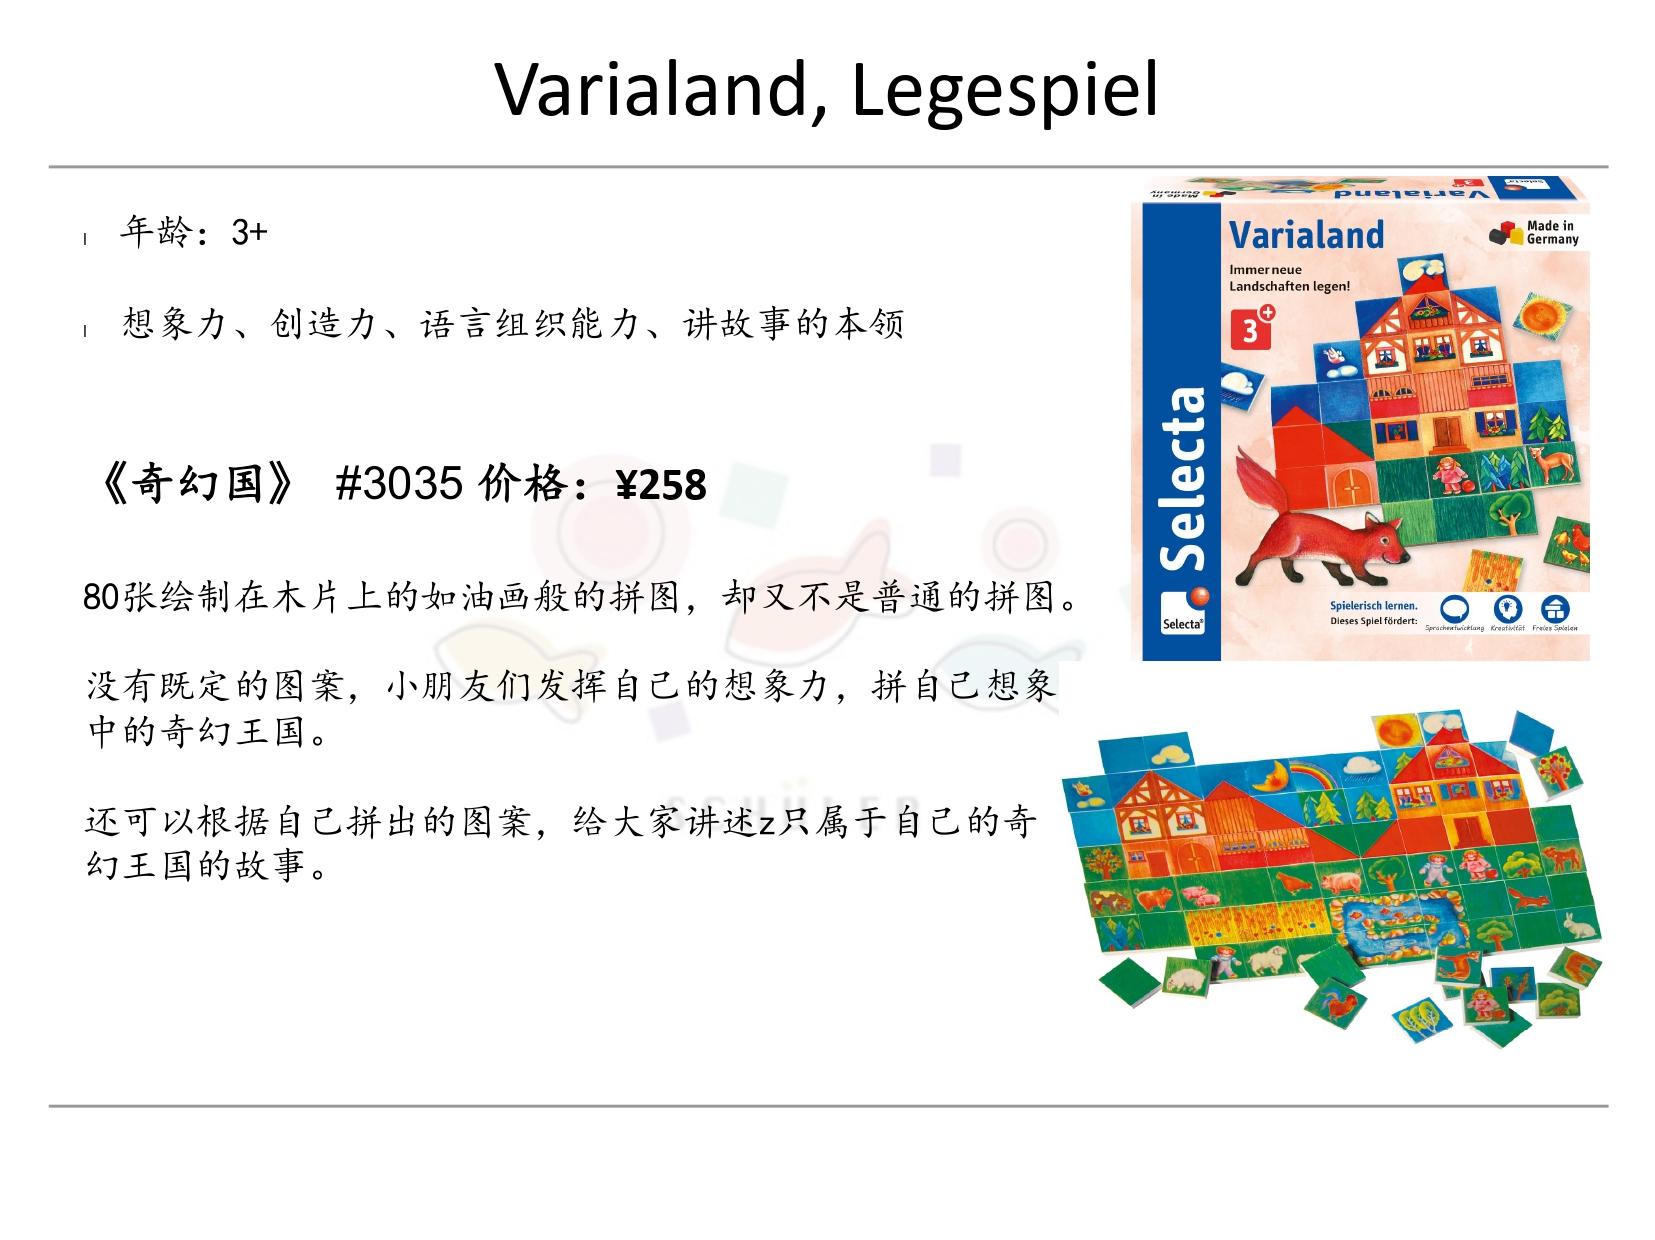 Varialand, Legespiel 奇幻国